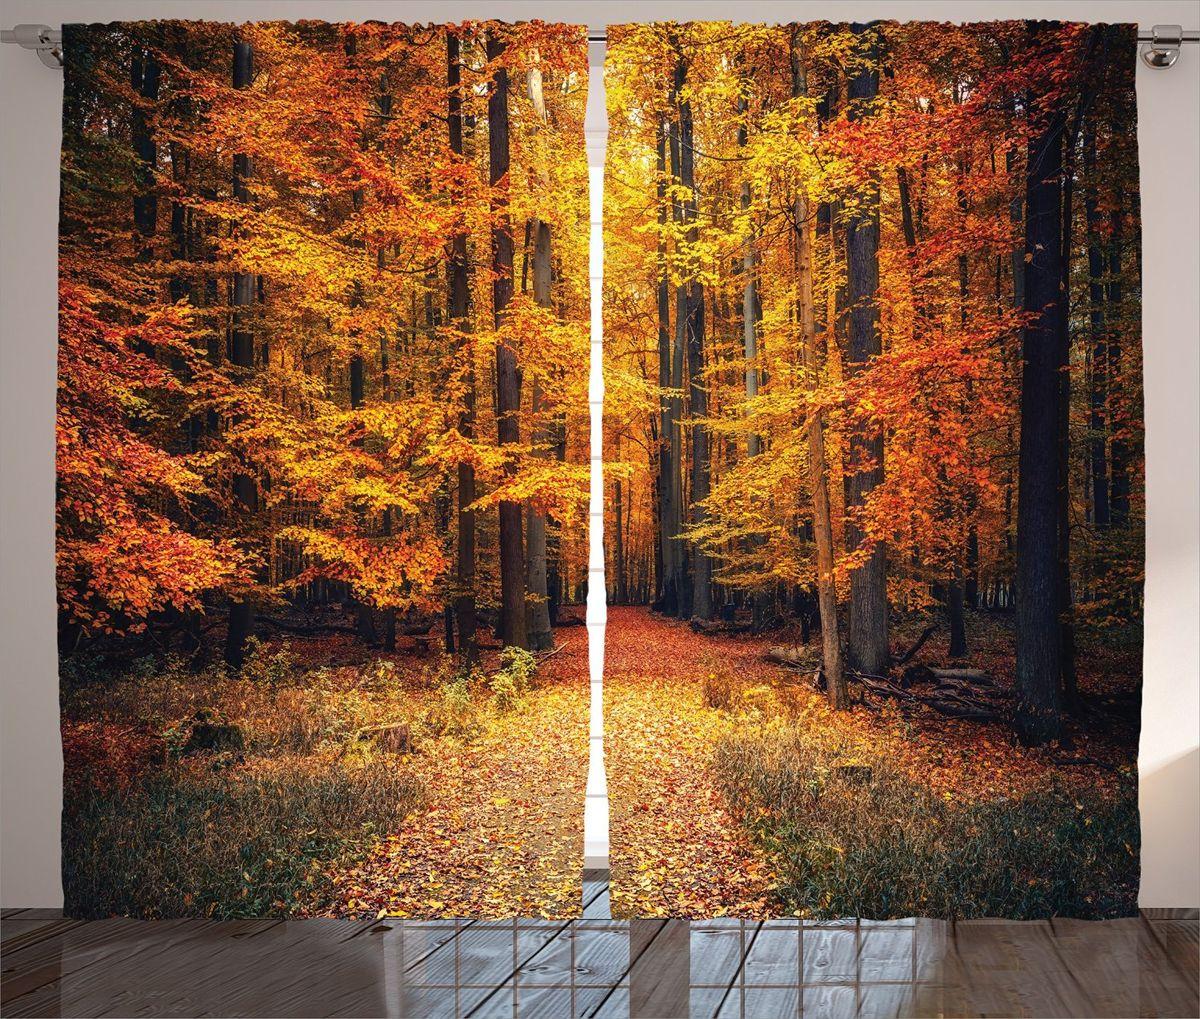 Комплект фотоштор Magic Lady Оранжевая осень в парке, на ленте, высота 265 см